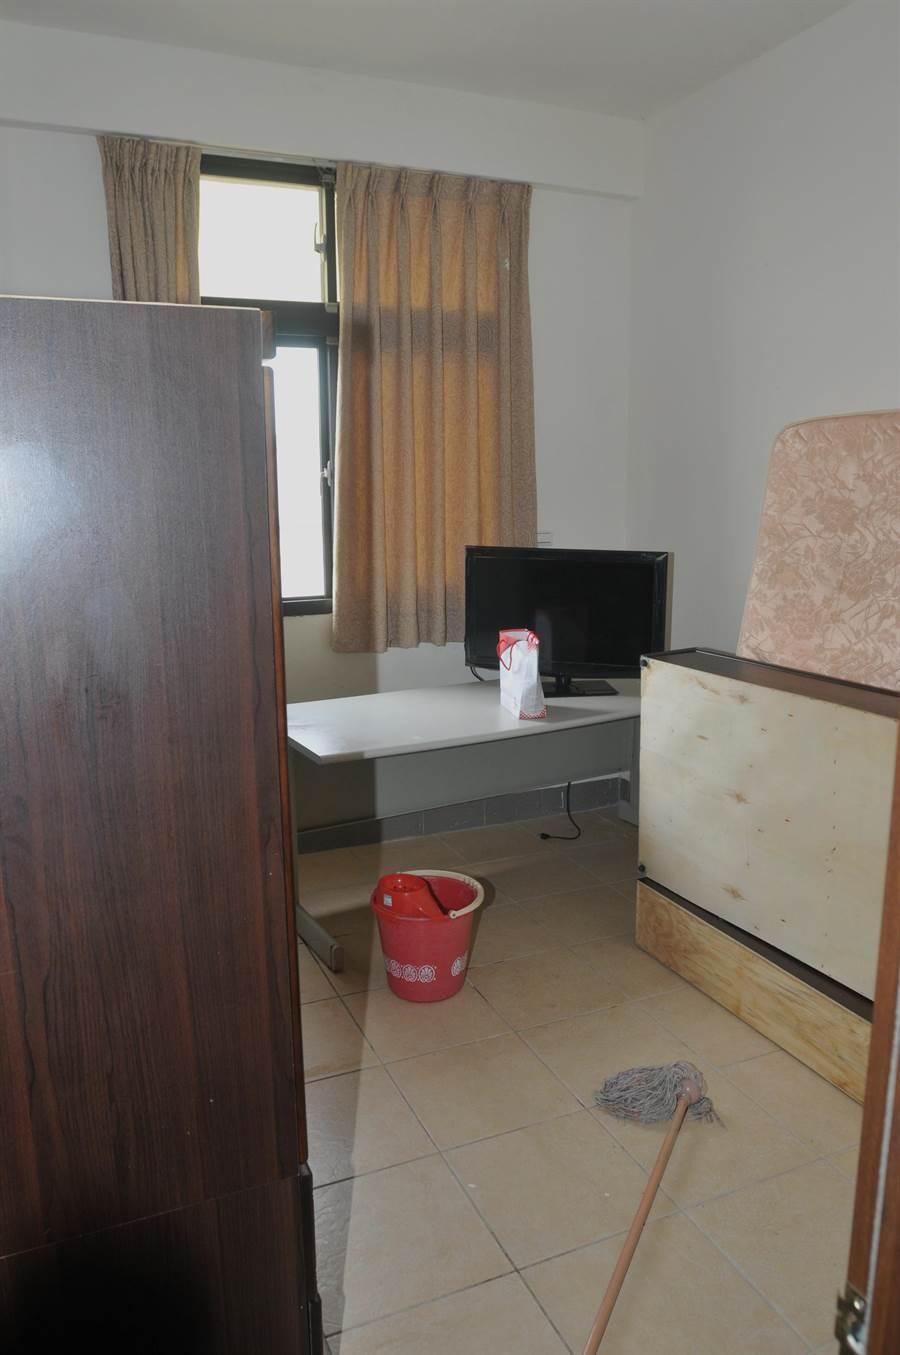 温起锋租住的套房,今天已由房东打扫清空。(李金生摄)